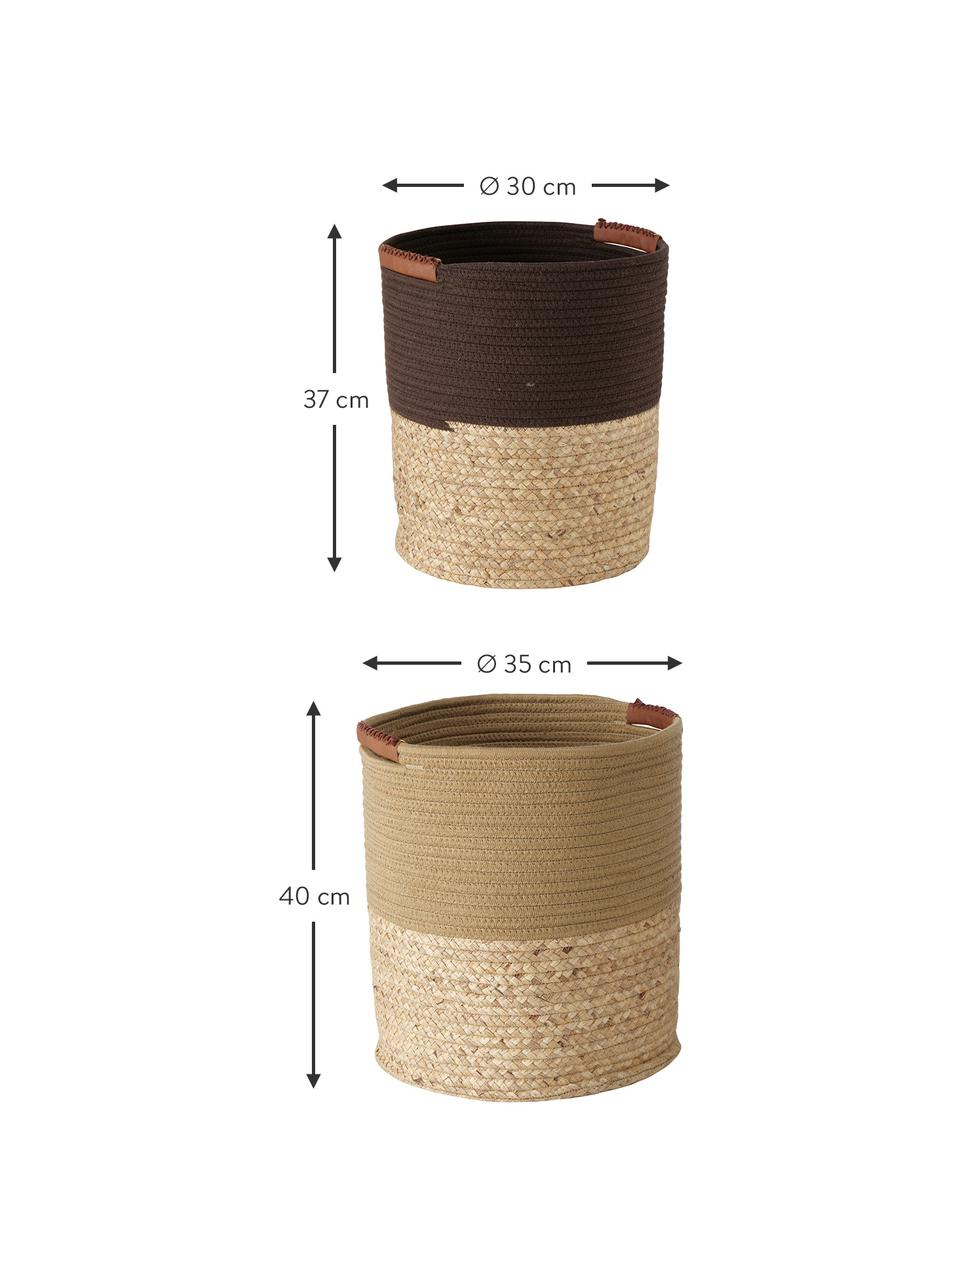 Handgewebtes Aufbewahrungskörbe-Set Zahara, 2-tlg., Griffe: Kunstleder, Braun, Set mit verschiedenen Größen